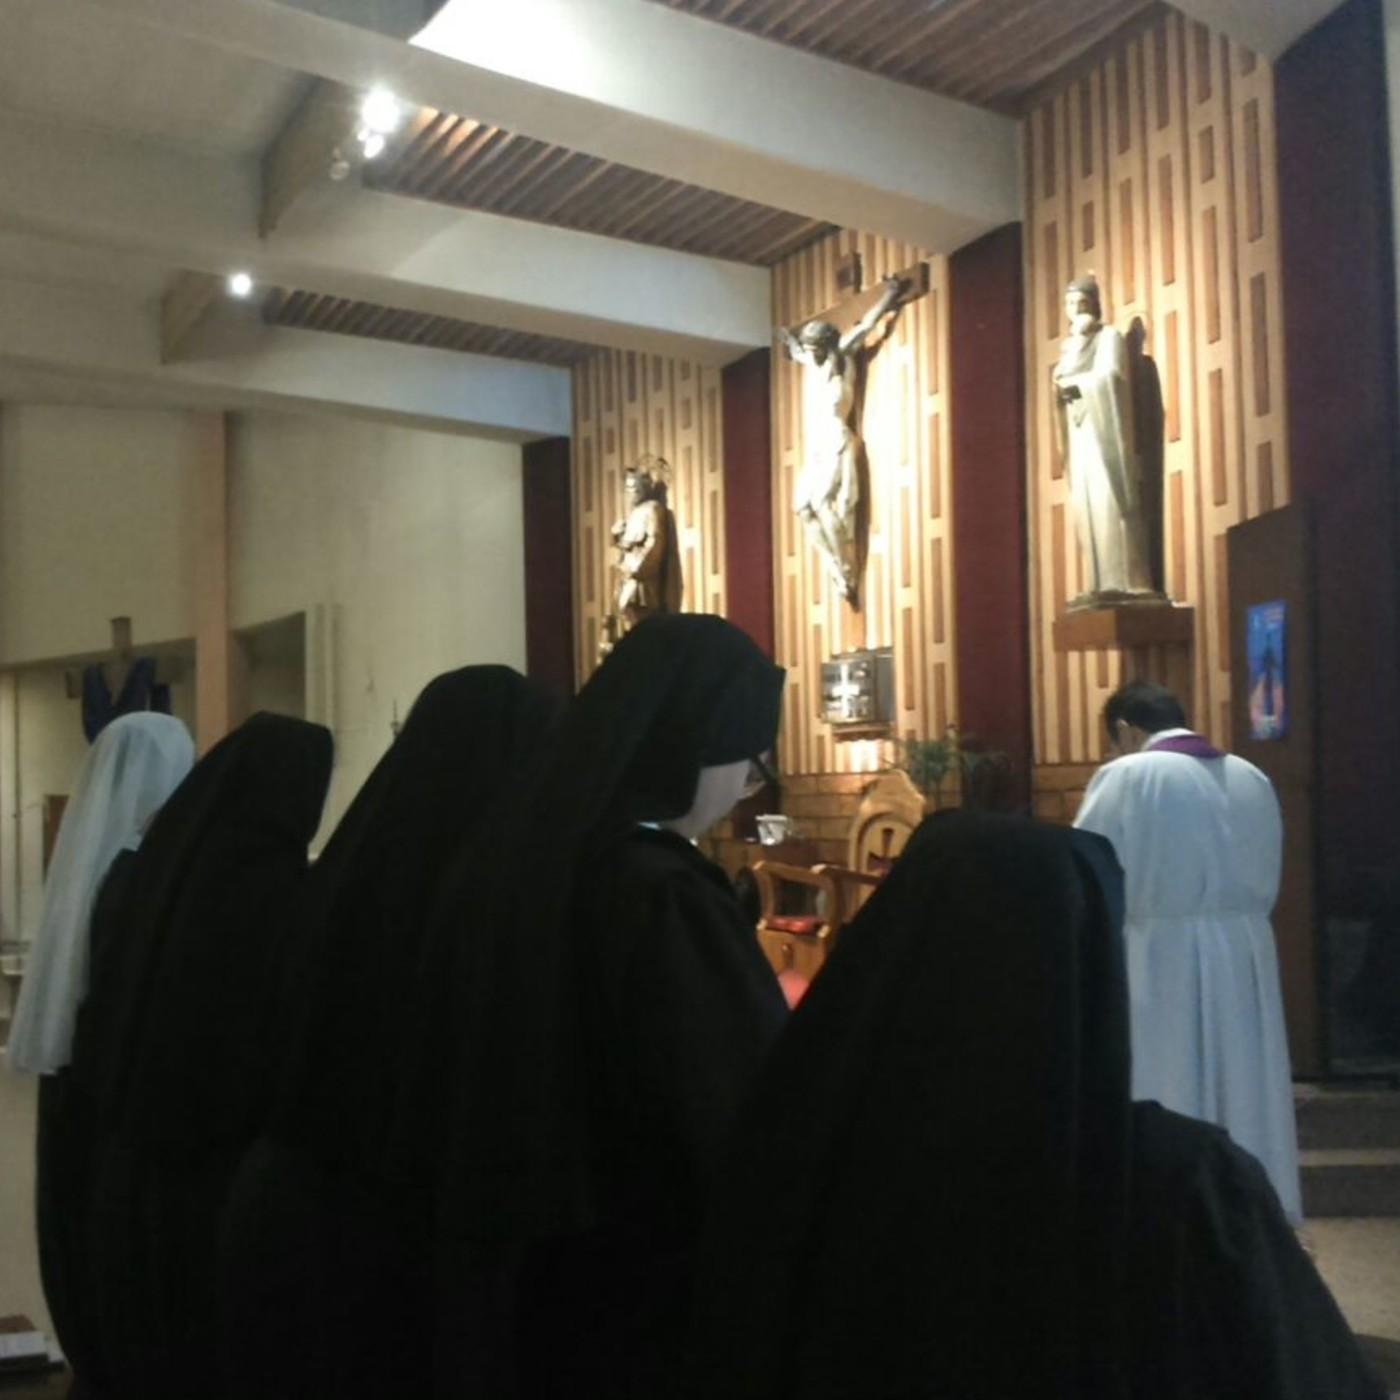 Charla de cuaresma parroquia de san l zaro del camino for Piscinas san lazaro oviedo